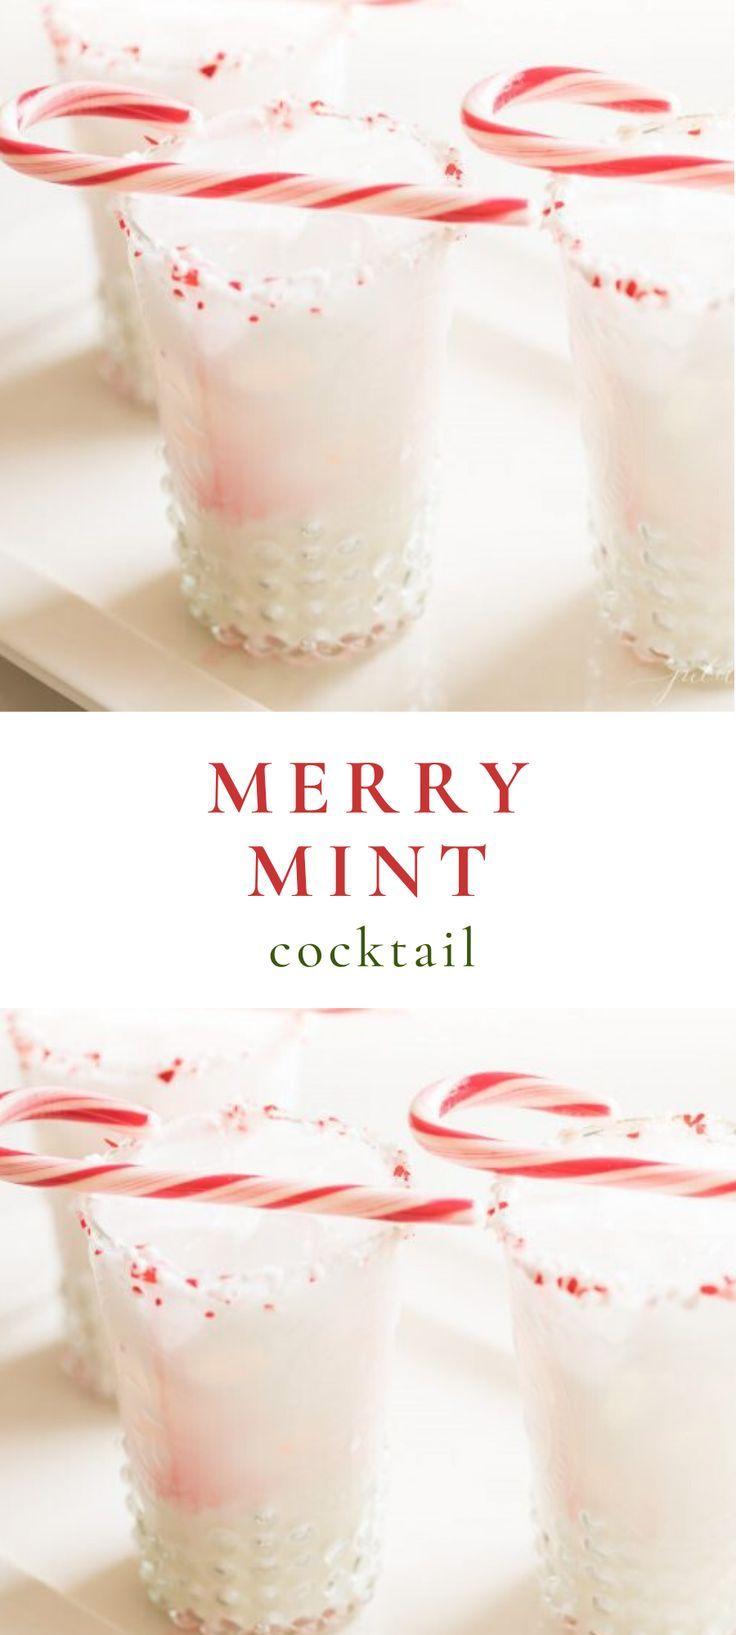 Merry Mint Cocktail Mint Cocktails Christmas Cocktails Vodka Schnapps